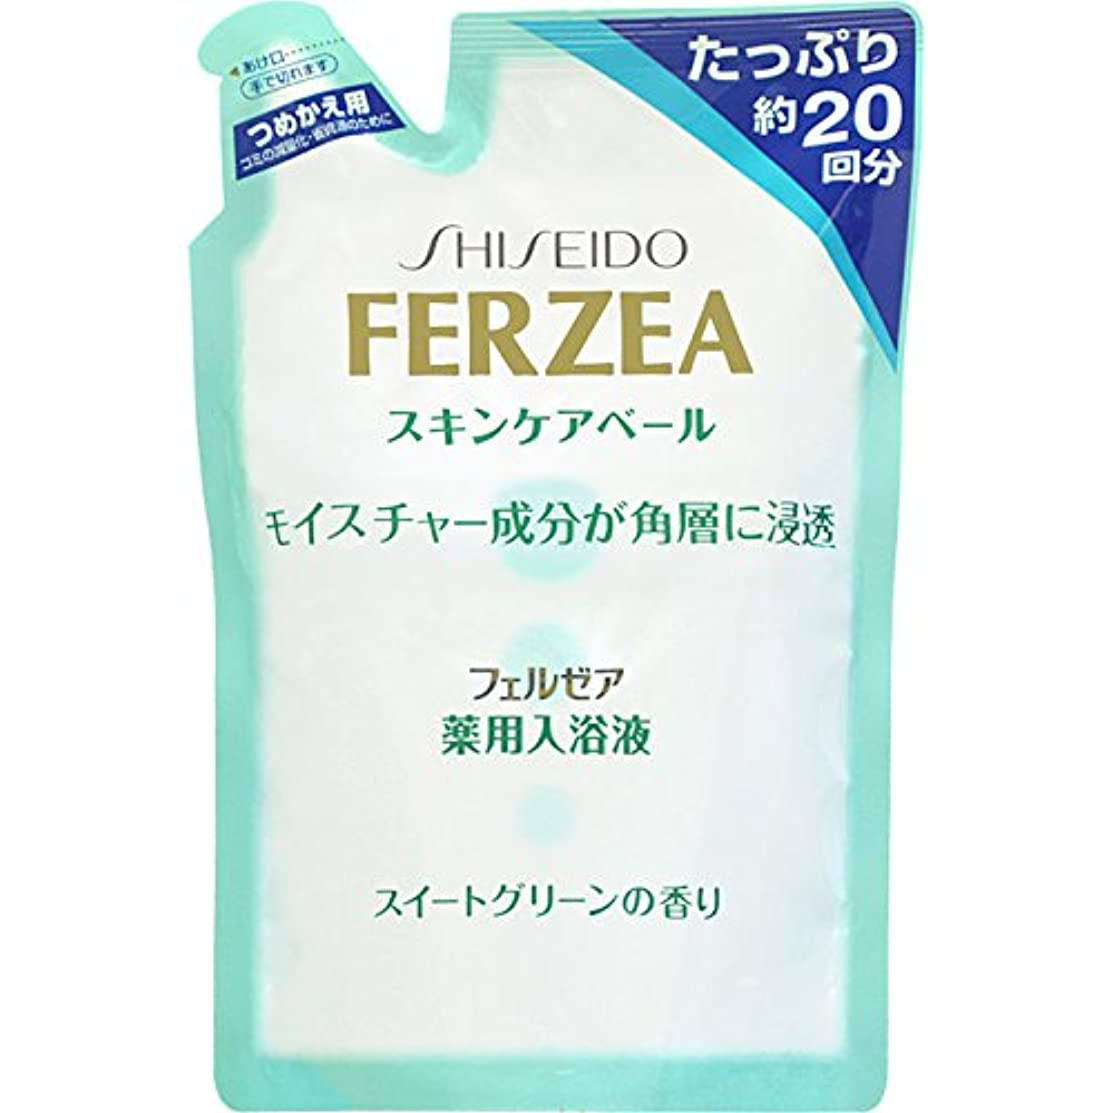 果てしない呪い蚊フェルゼア薬用スキンケア入浴液G詰替 500ml